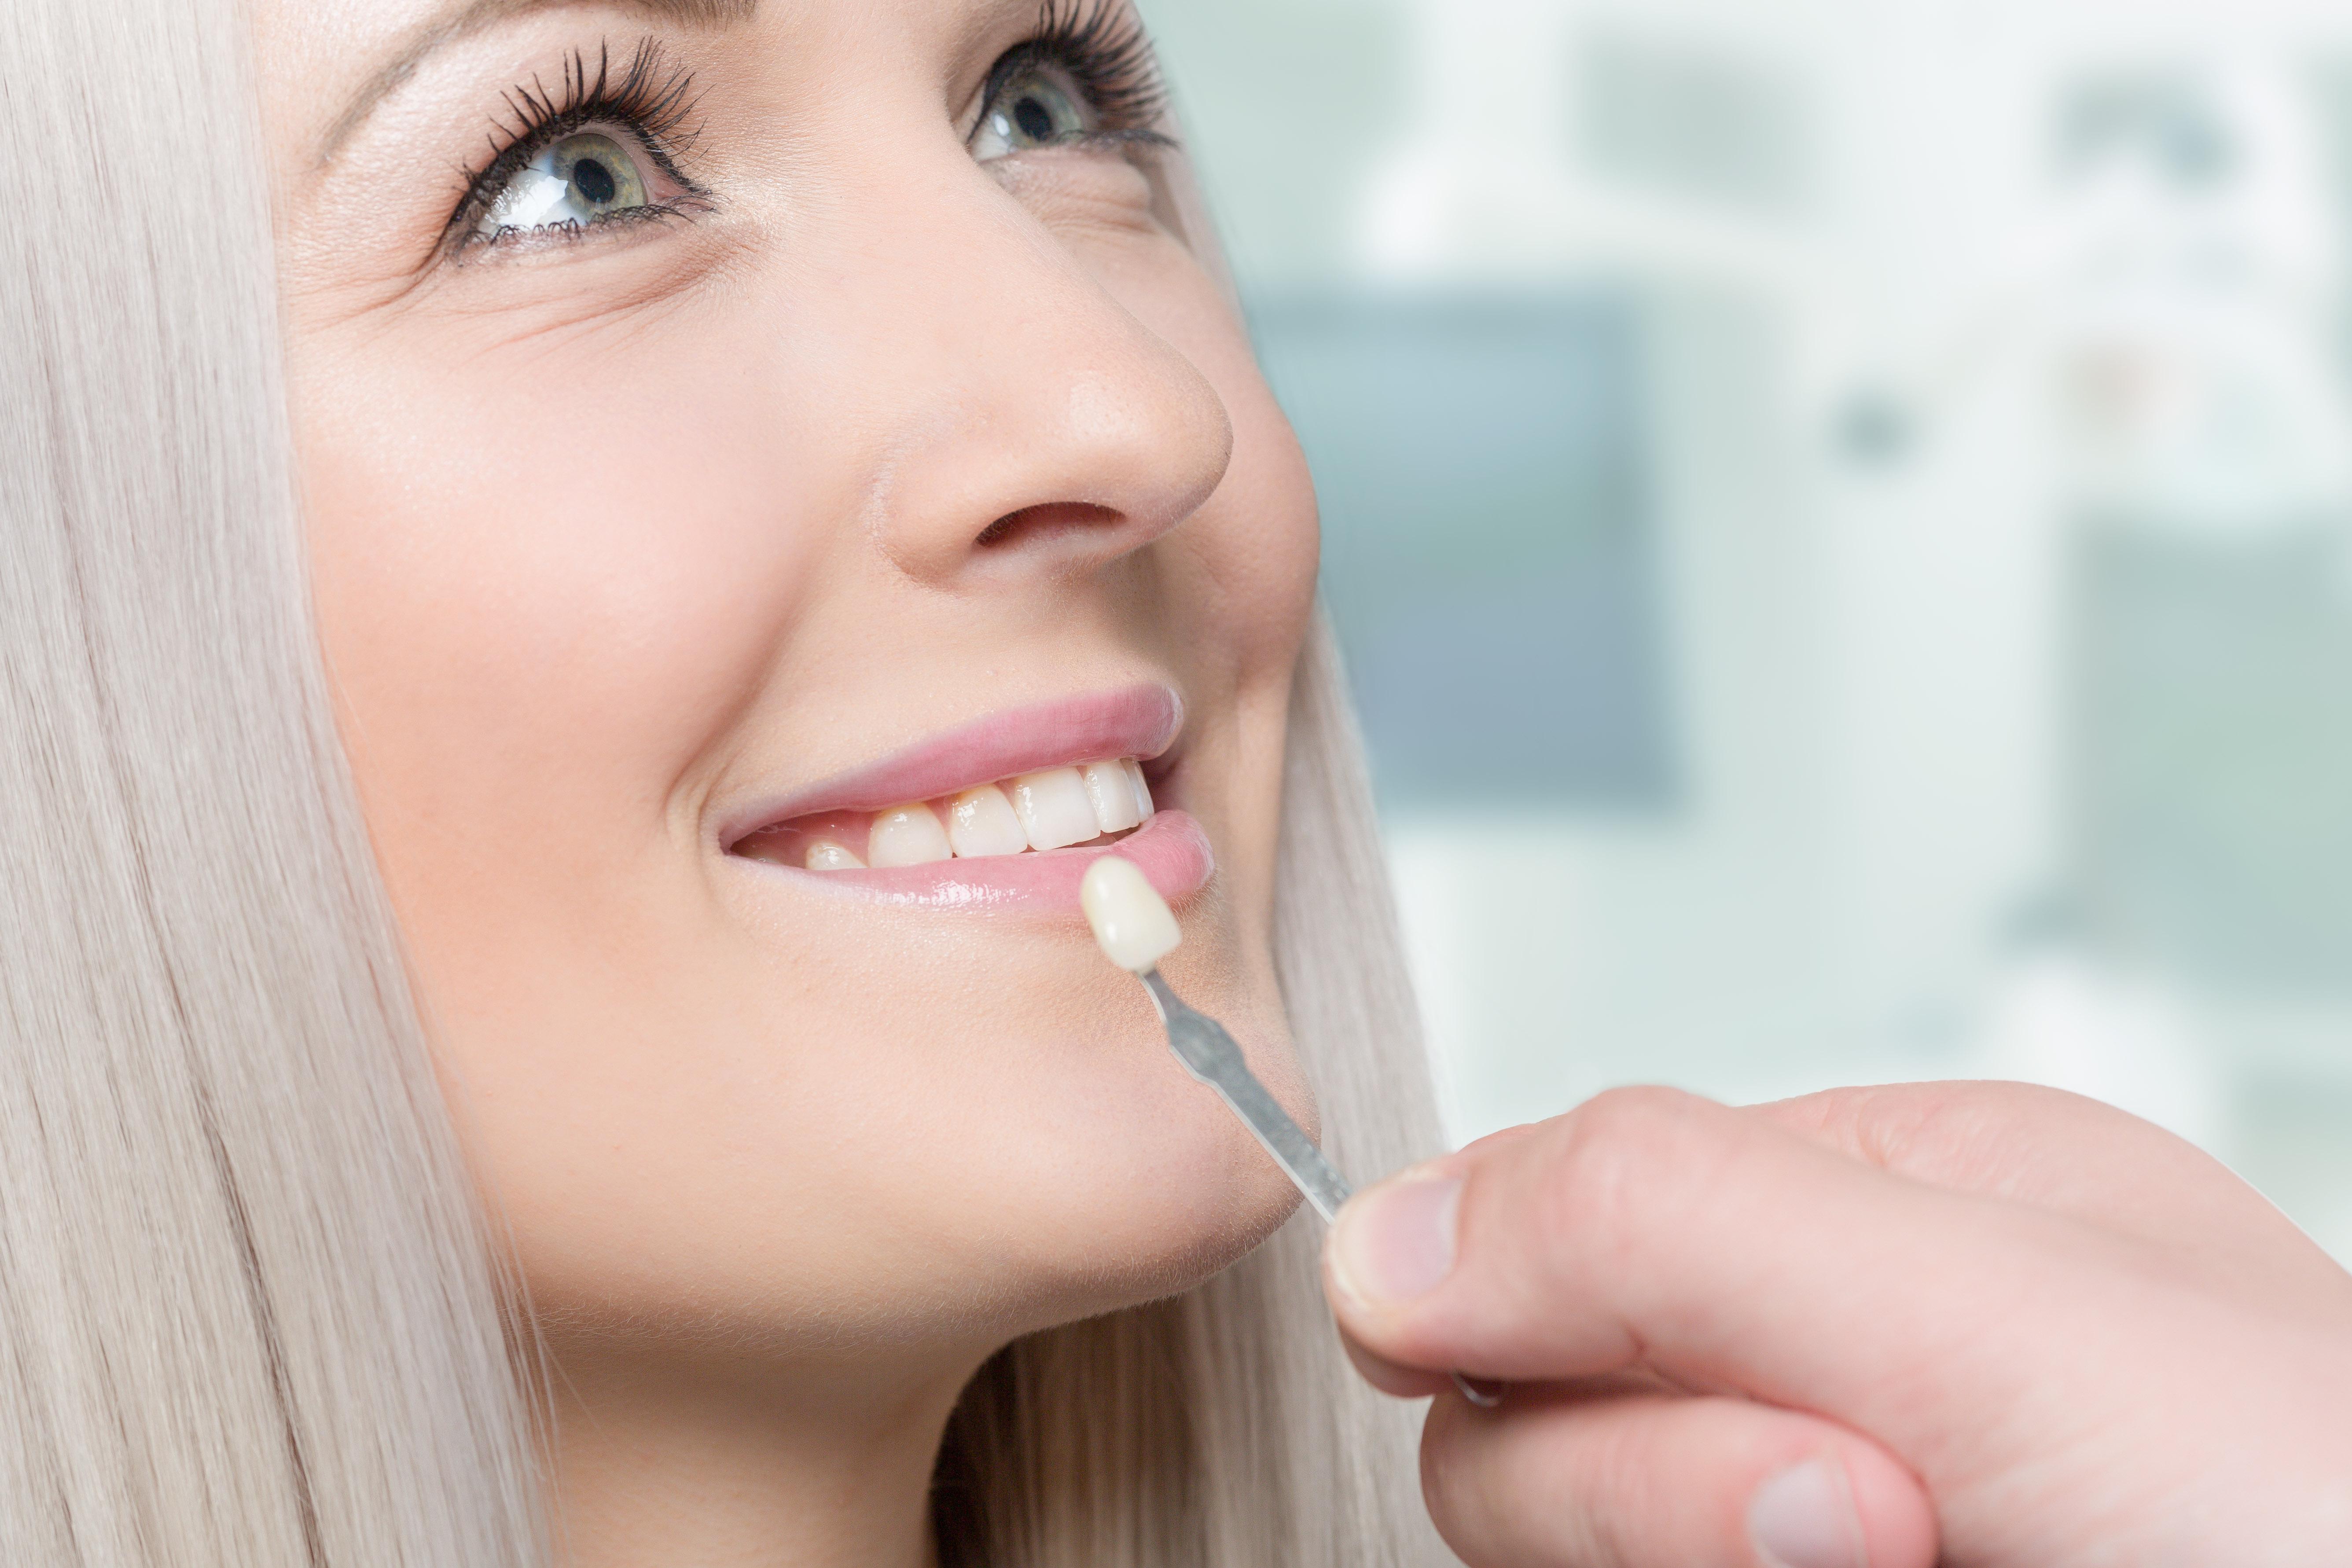 Do dental veneers stain?